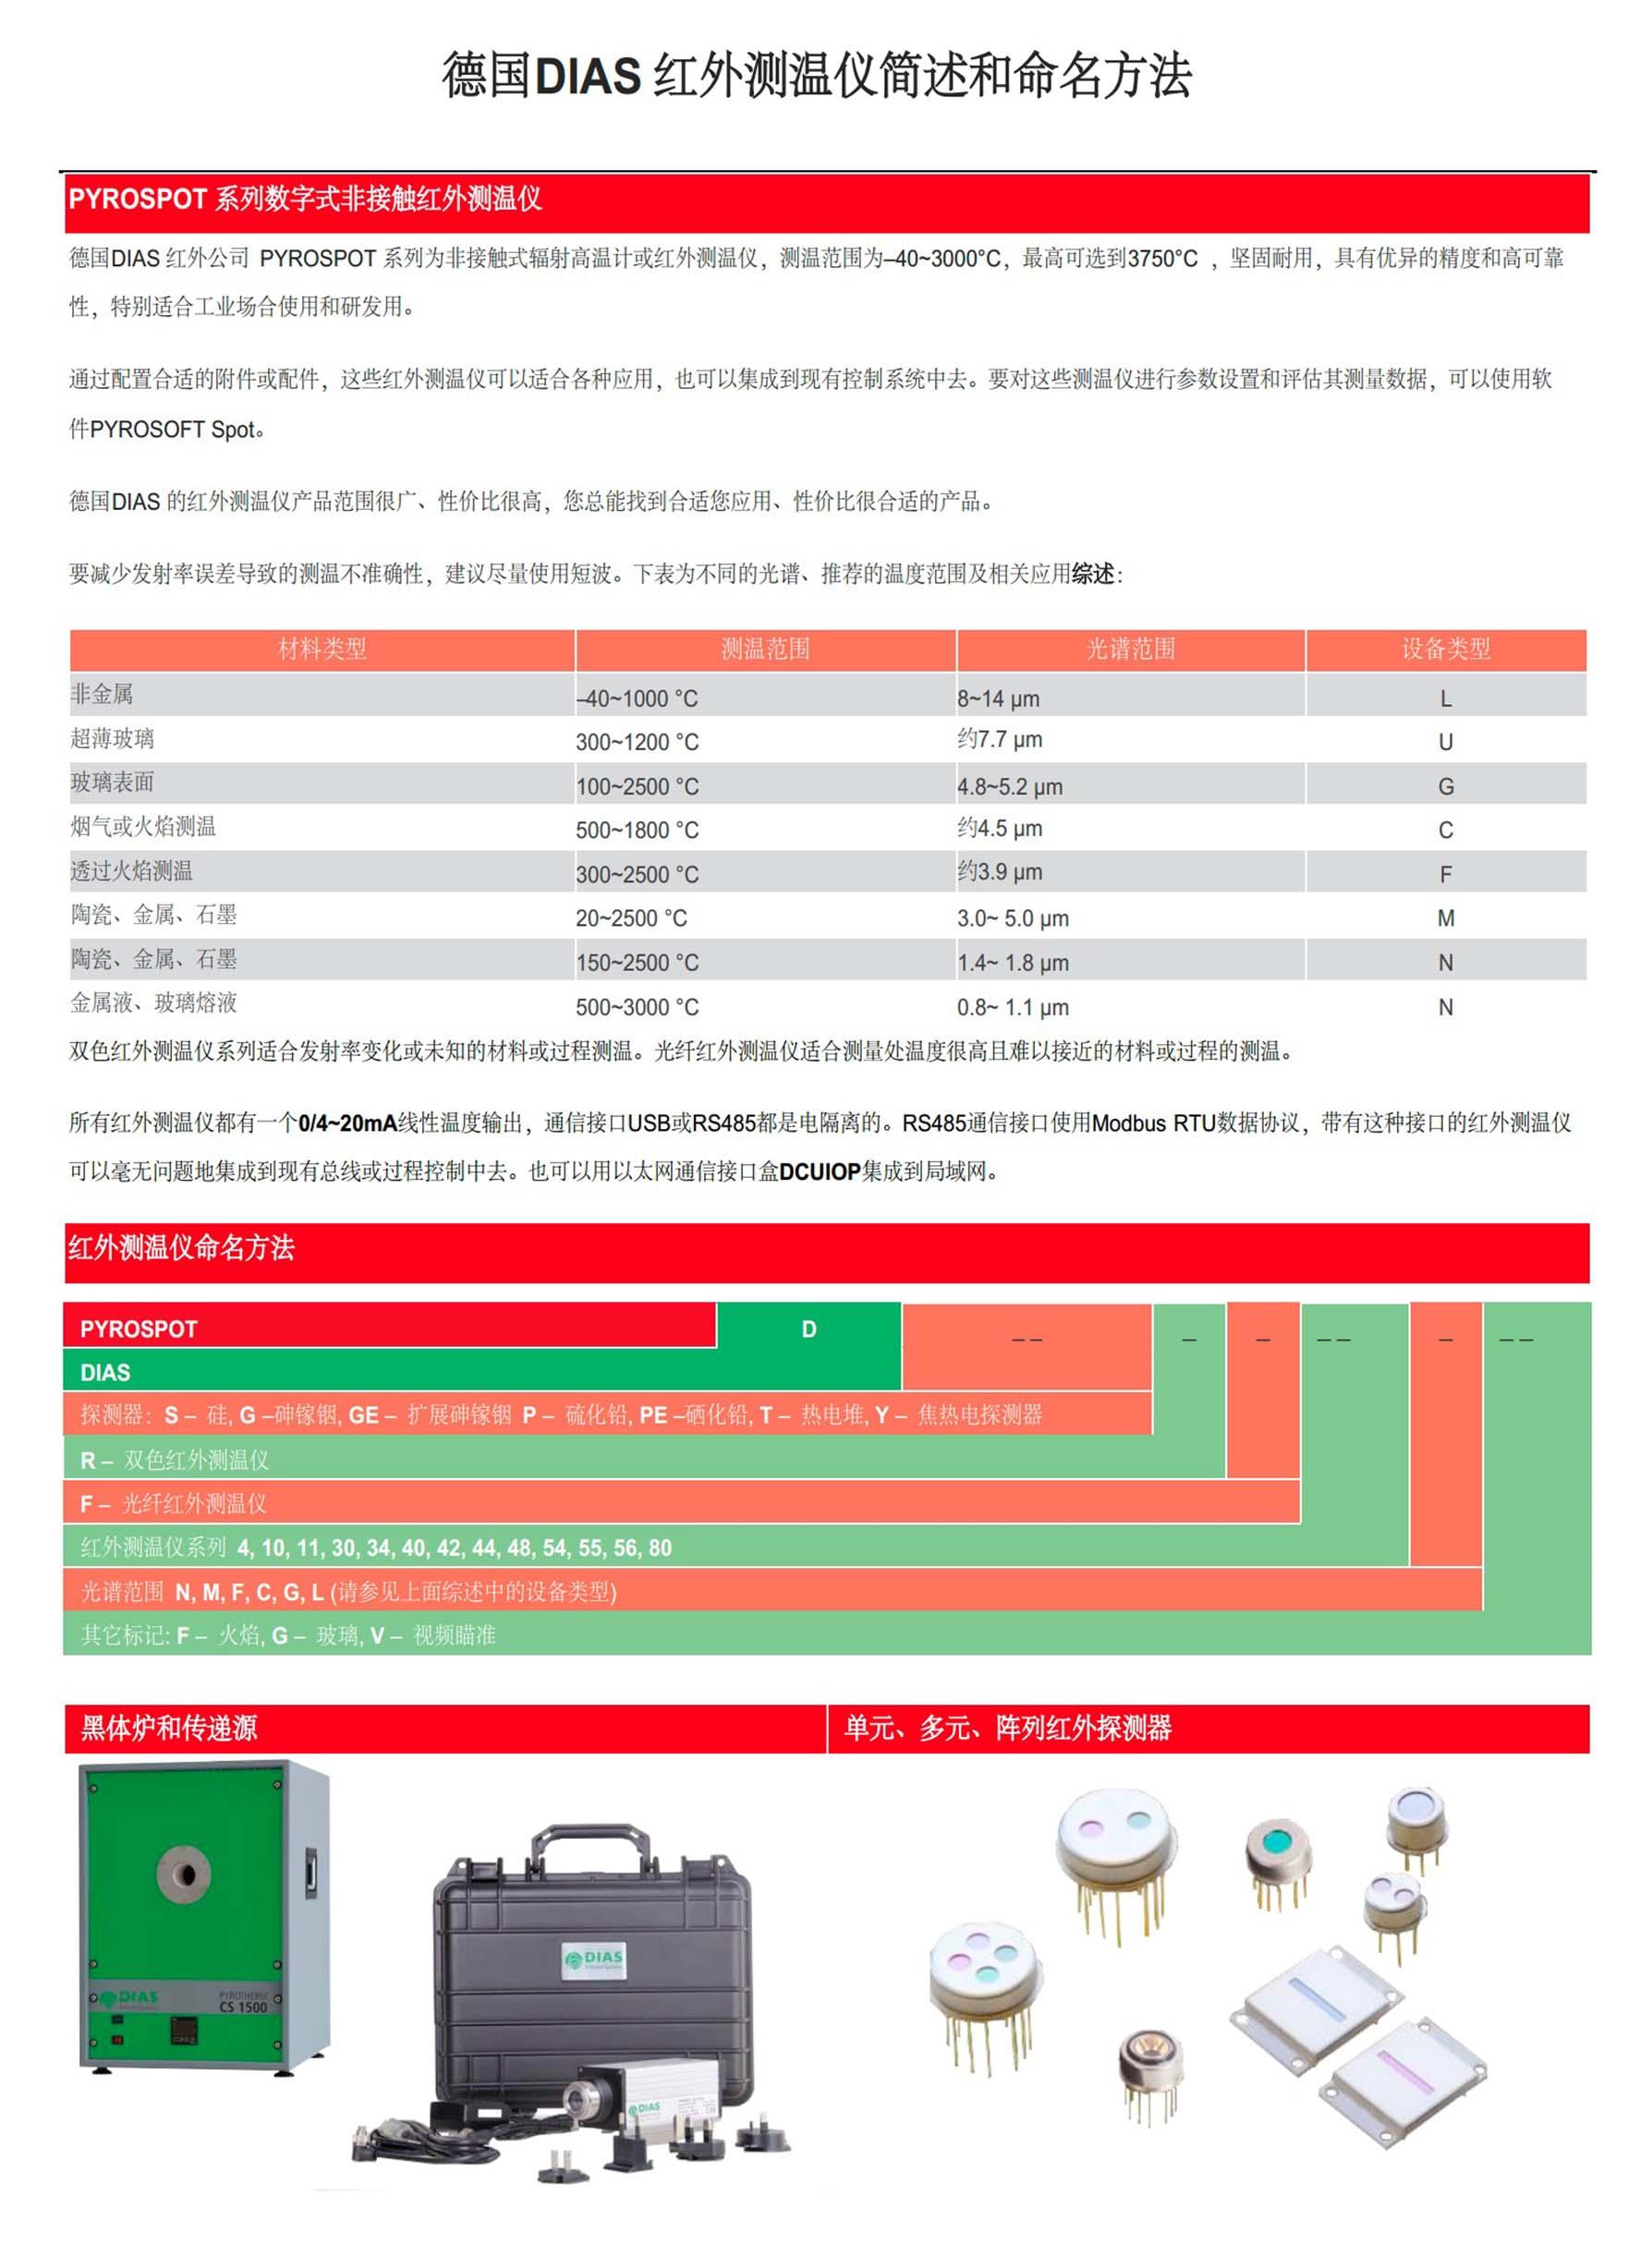 德国DIAS红外测温仪简述和型号命名